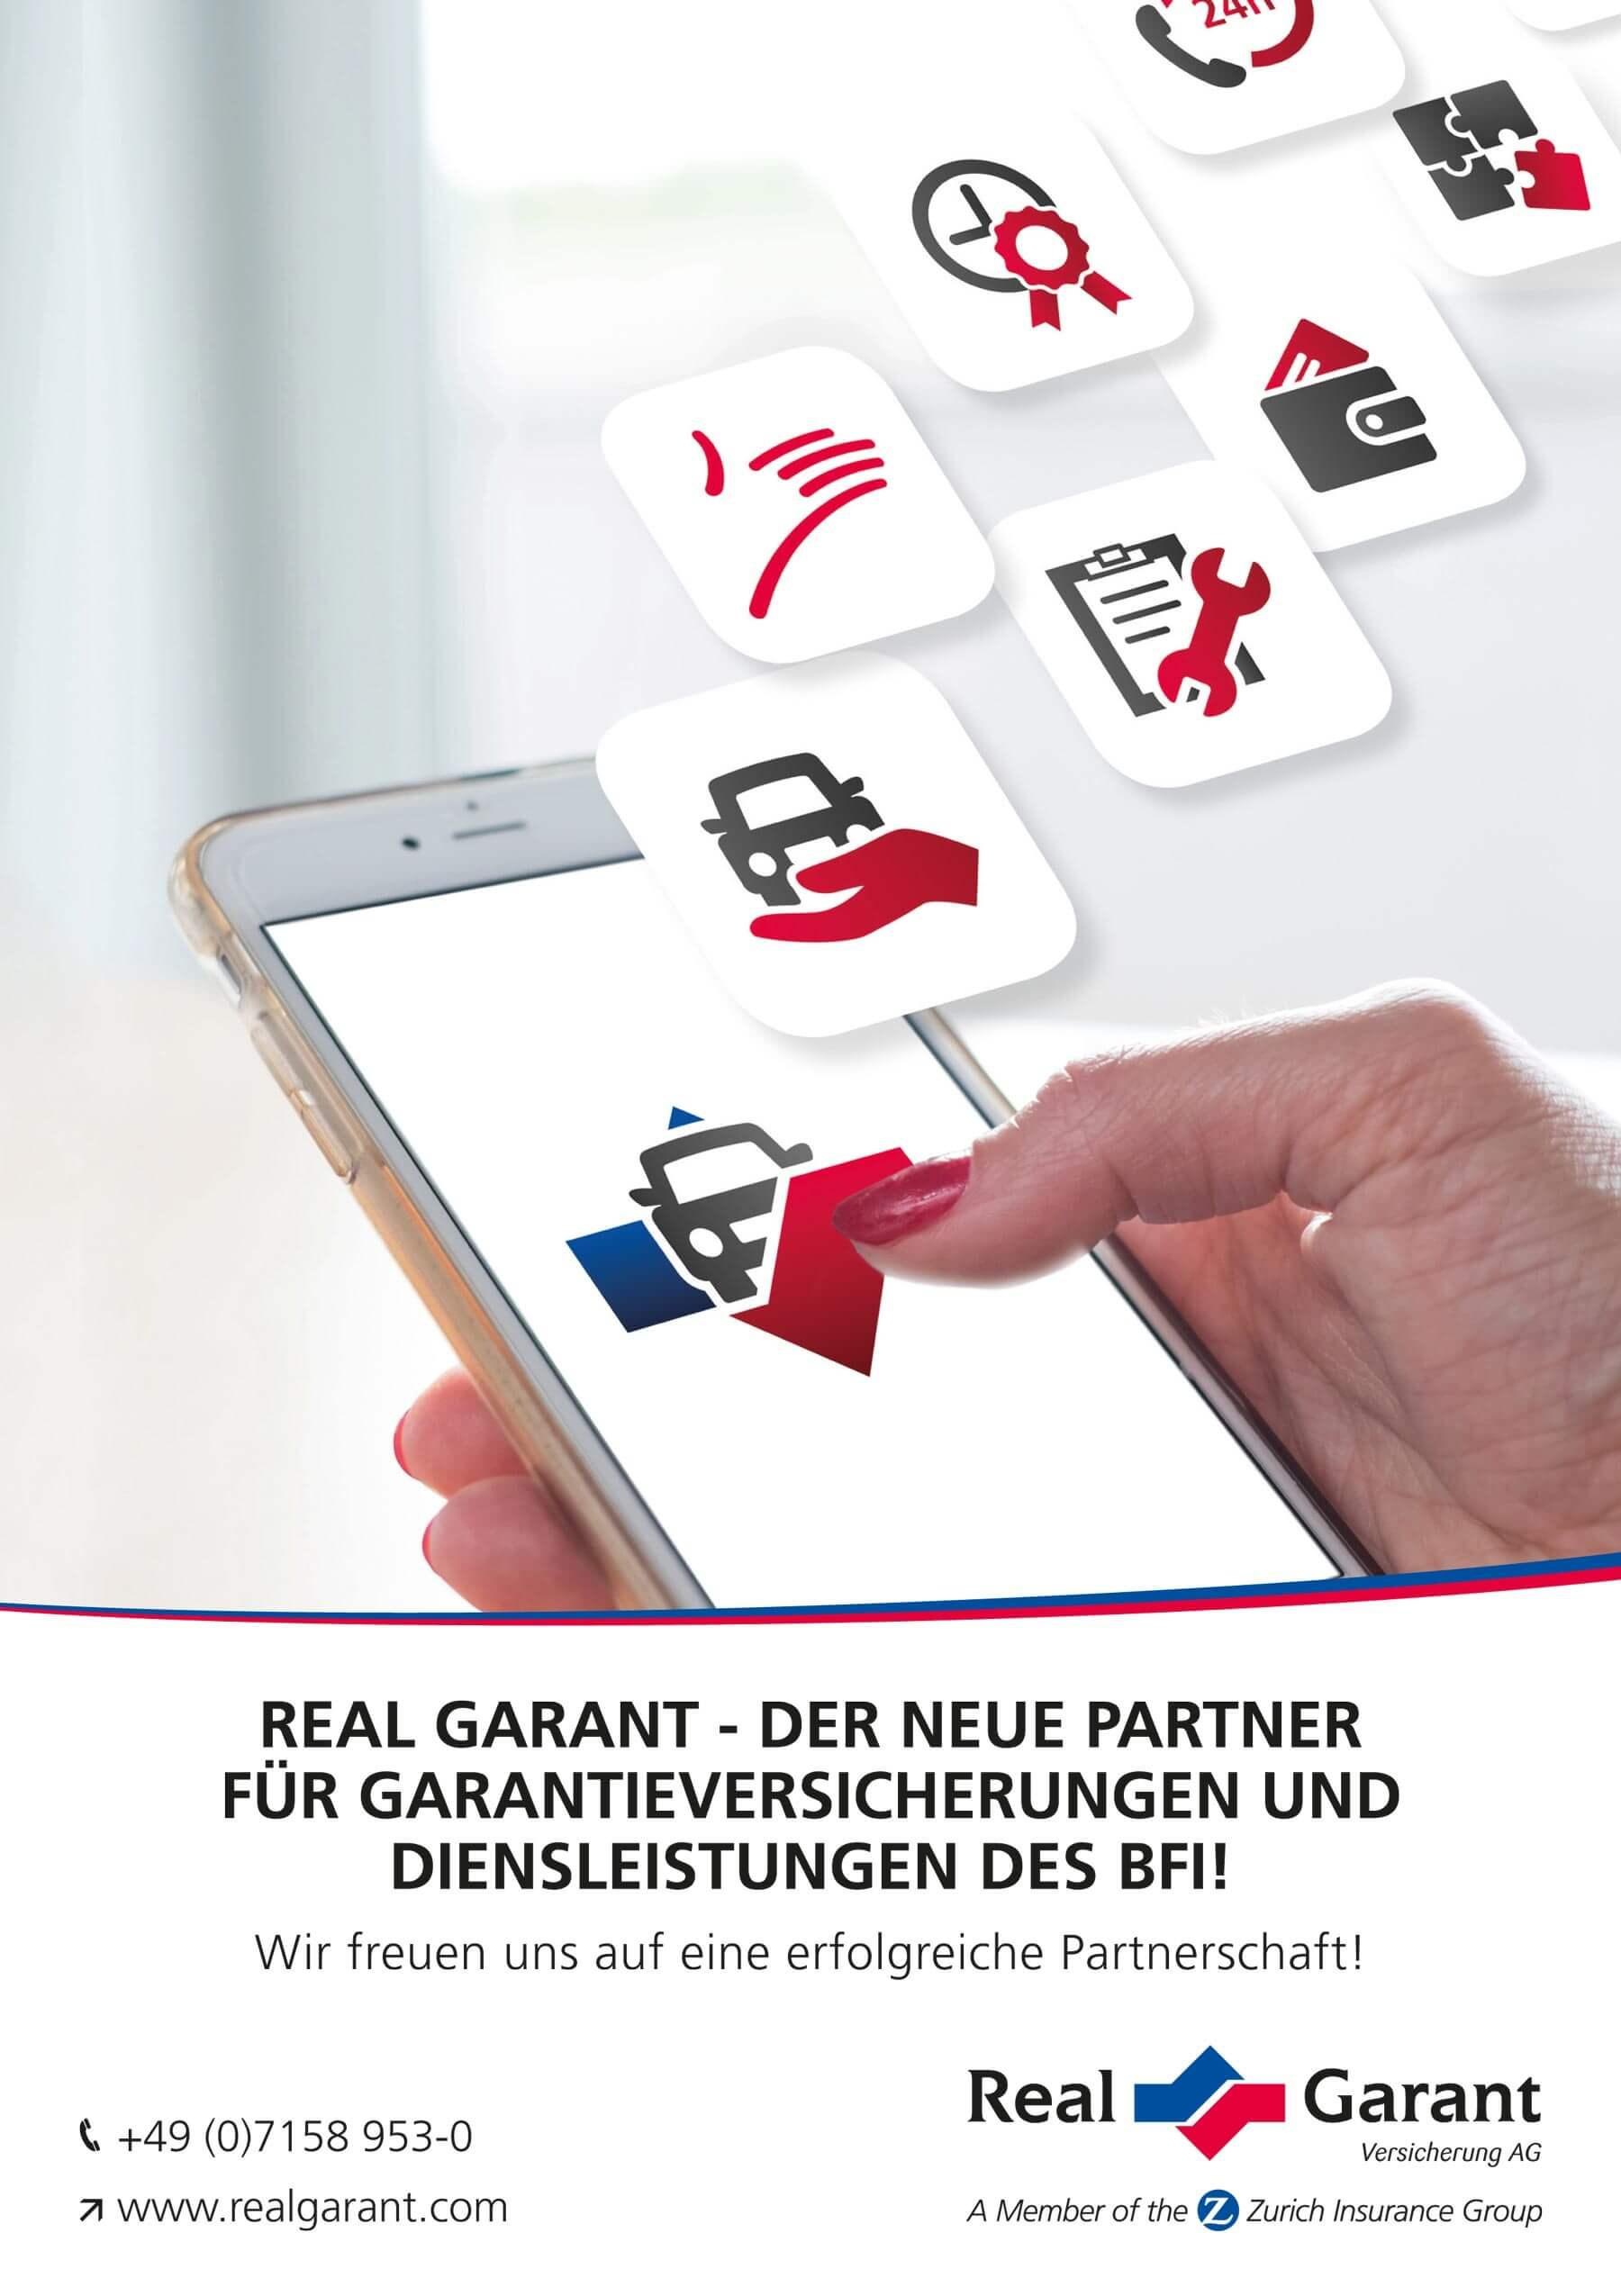 Aussteller -REAL GARANT - DER NEUE PARTNER FÜR GARANTIEVERSICHERUNGEN UND DIENSLEISTUNGEN DES BFI!